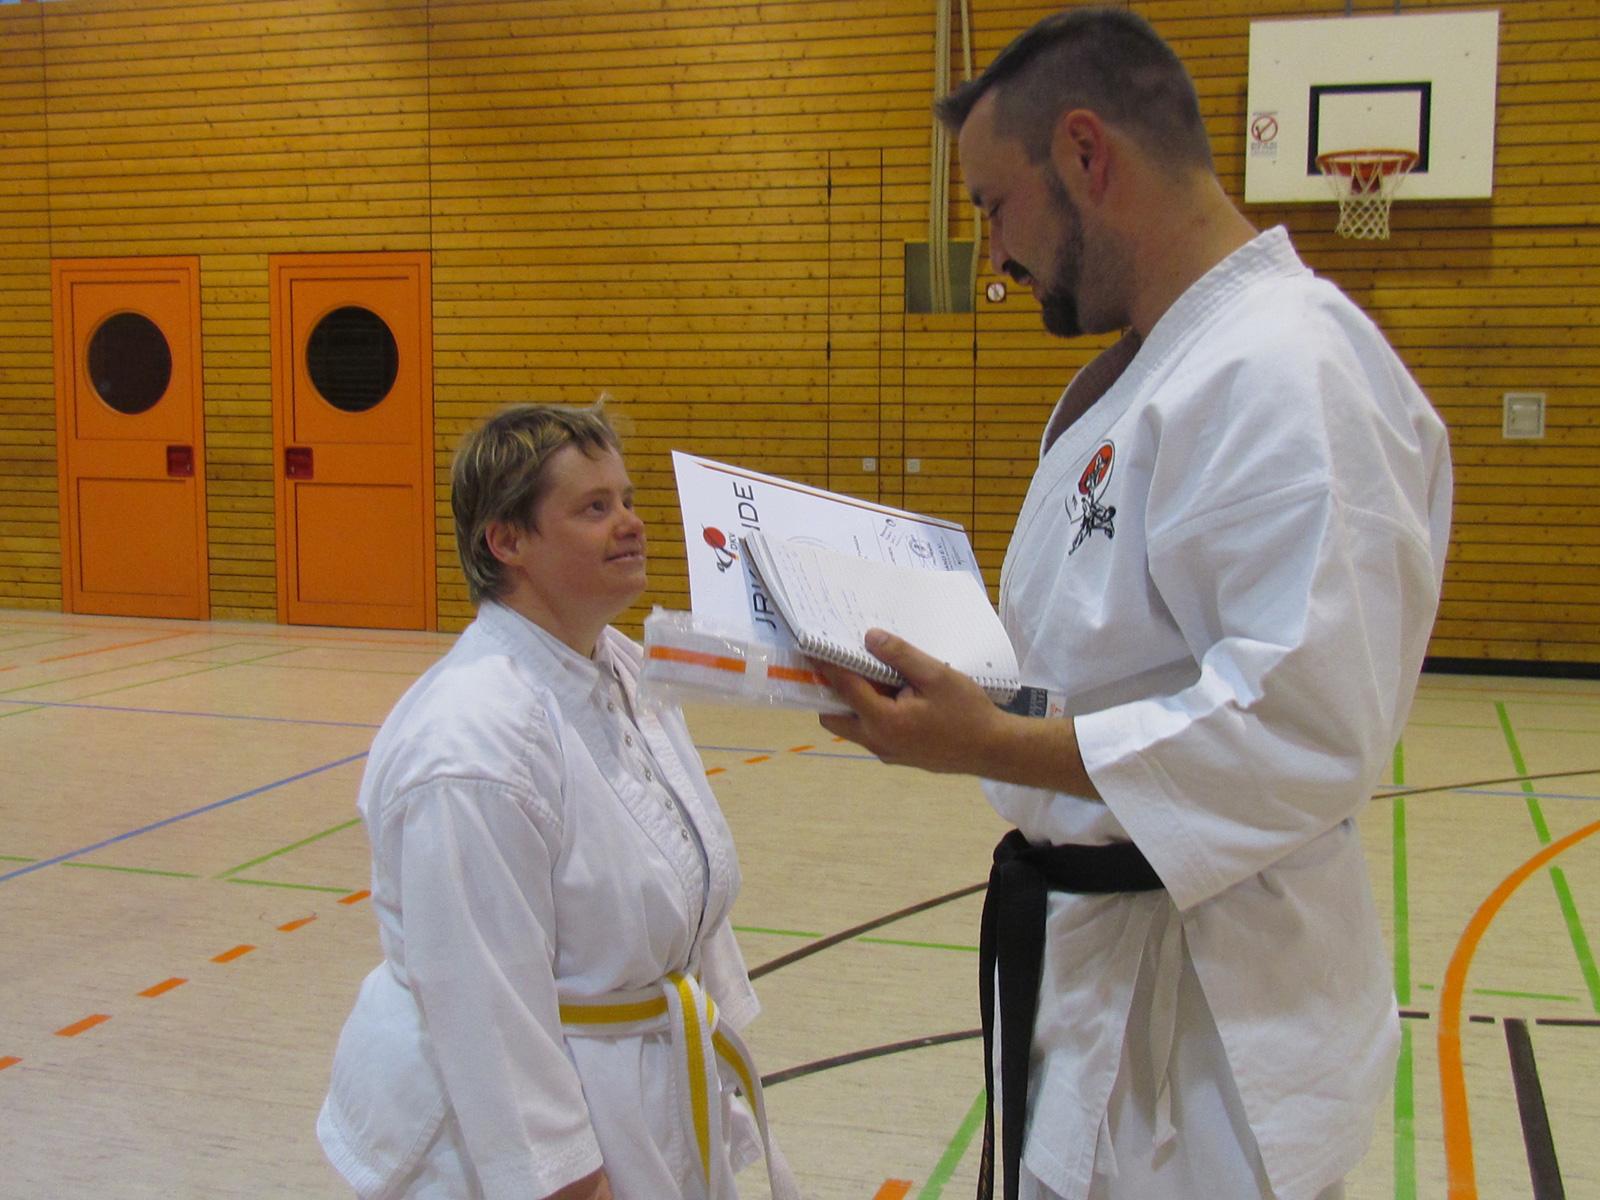 Heike Neumann nimmt stolz die Urkunde nach der erfolgreichen Gürtelprüfung entgegen.